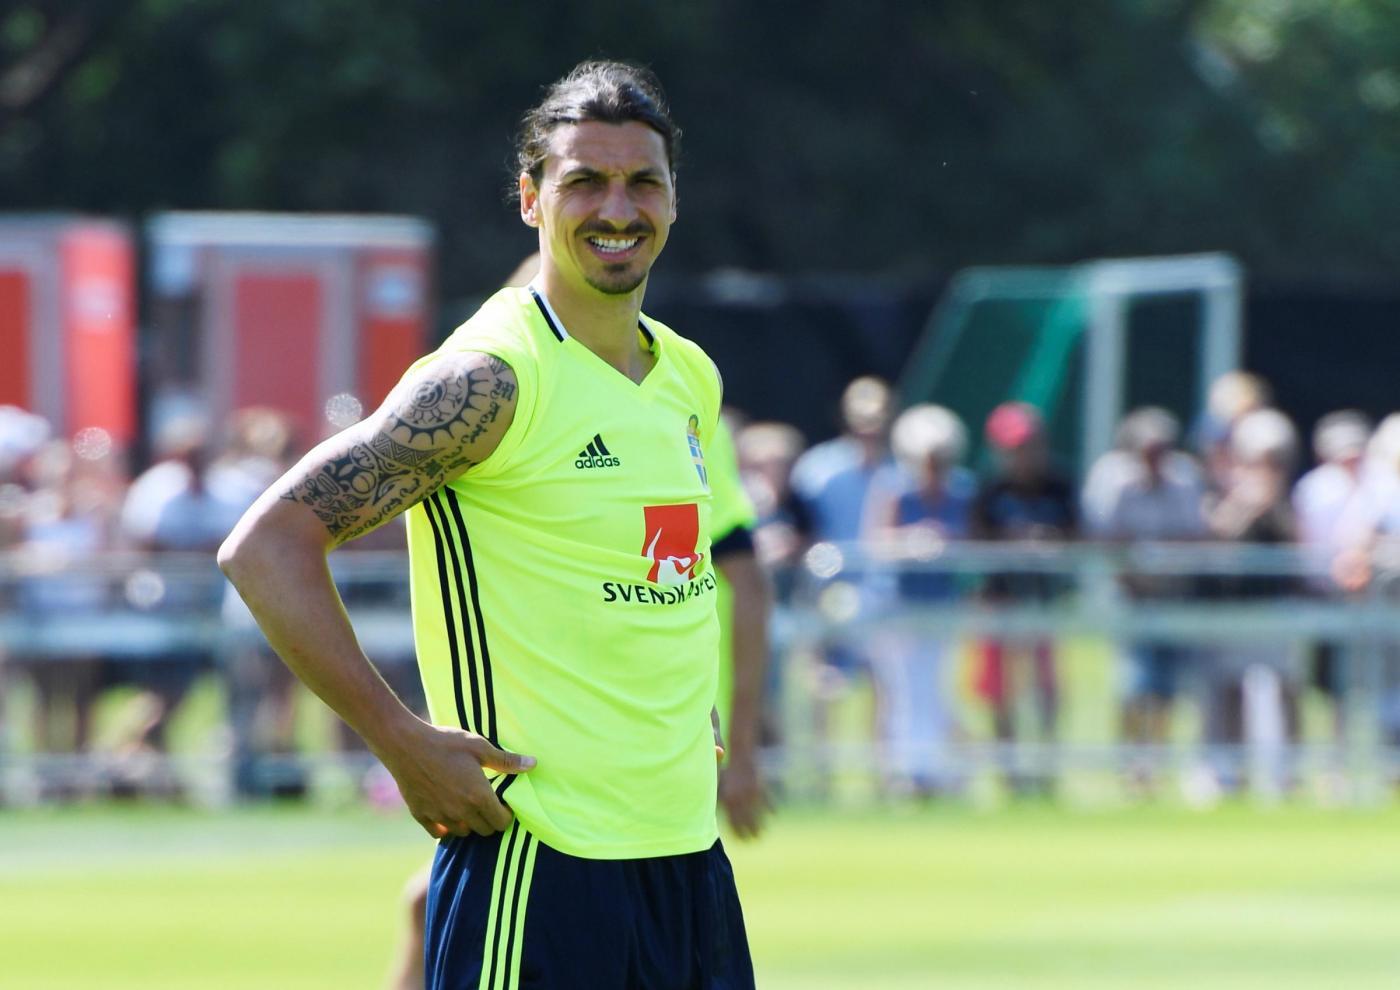 Zlatan Ibrahimovic va a caccia del record di gol agli Europei.